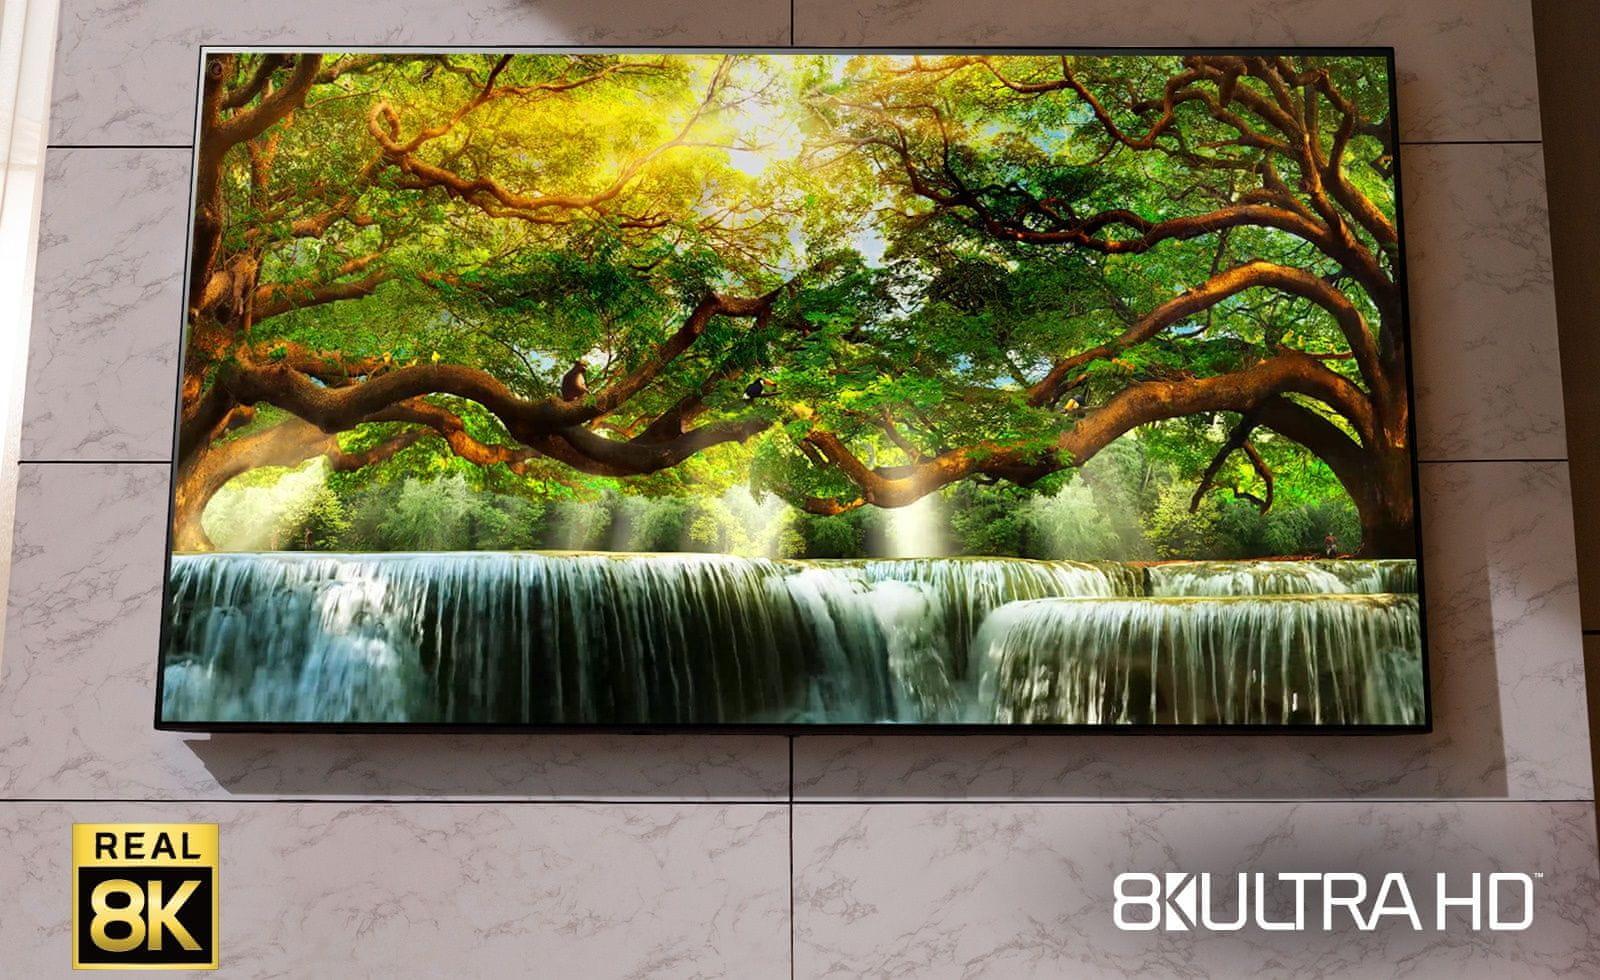 LG TV televize NANOCELL 8K 2021 33 milionů pixelů pravé 8K rozlišení